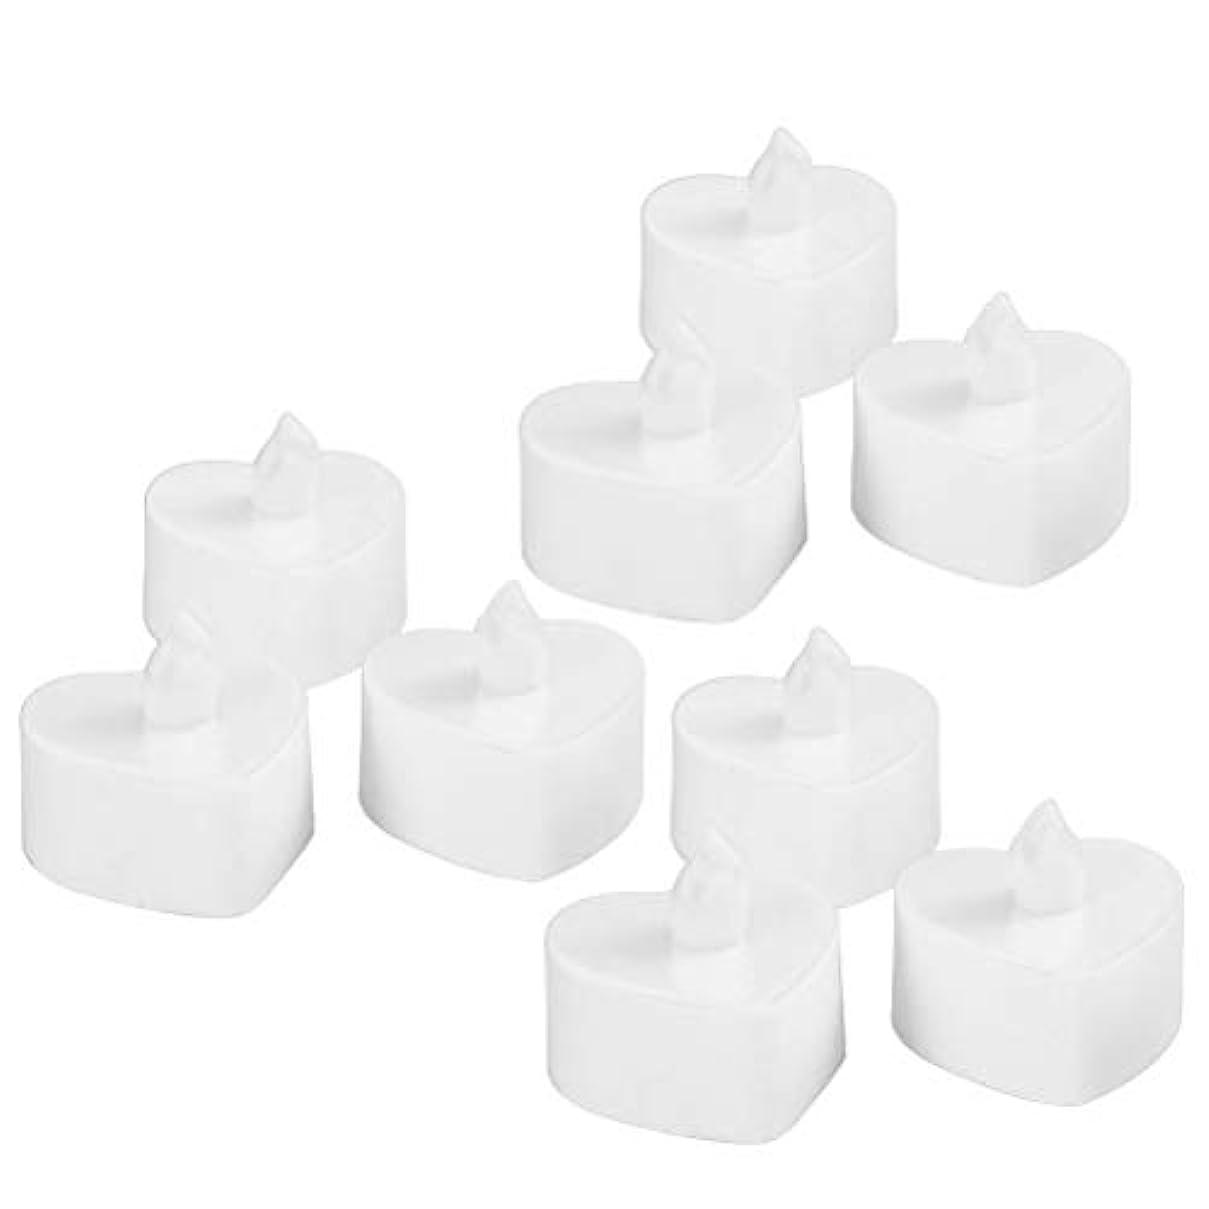 苦難始まり約BESTOYARD 10個無炎キャンドルバッテリーは、キャンドルの結婚式のパーティーフェスティバルの装飾(白いシェル黄色の光)